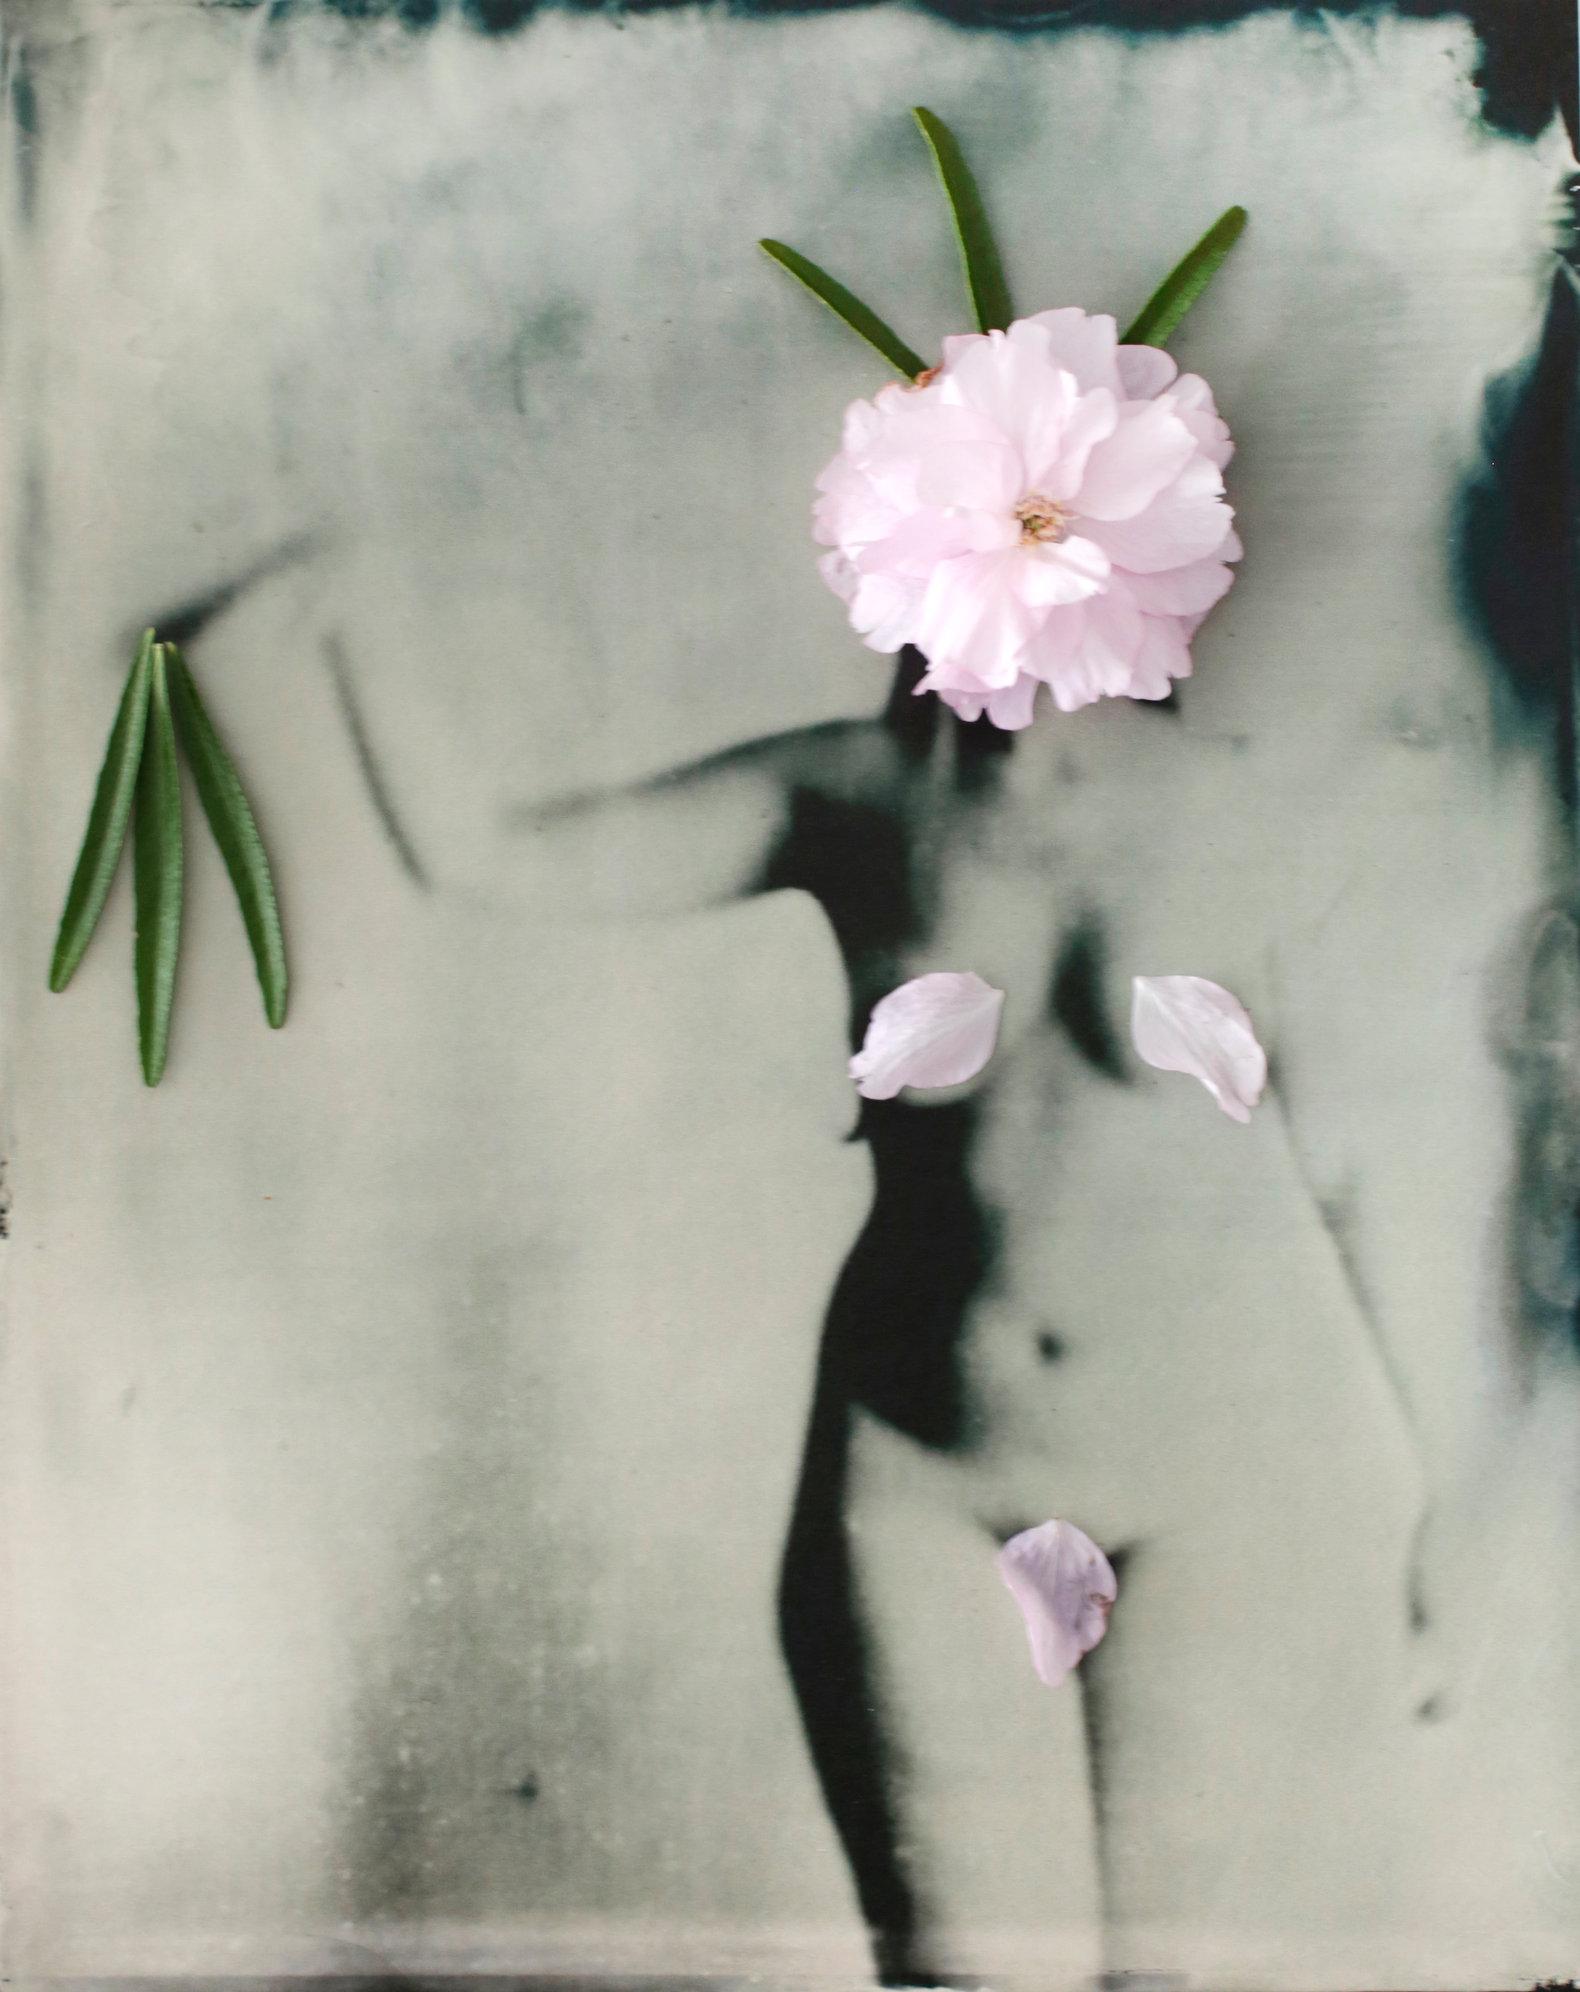 FLOWERS_1_023.JPG